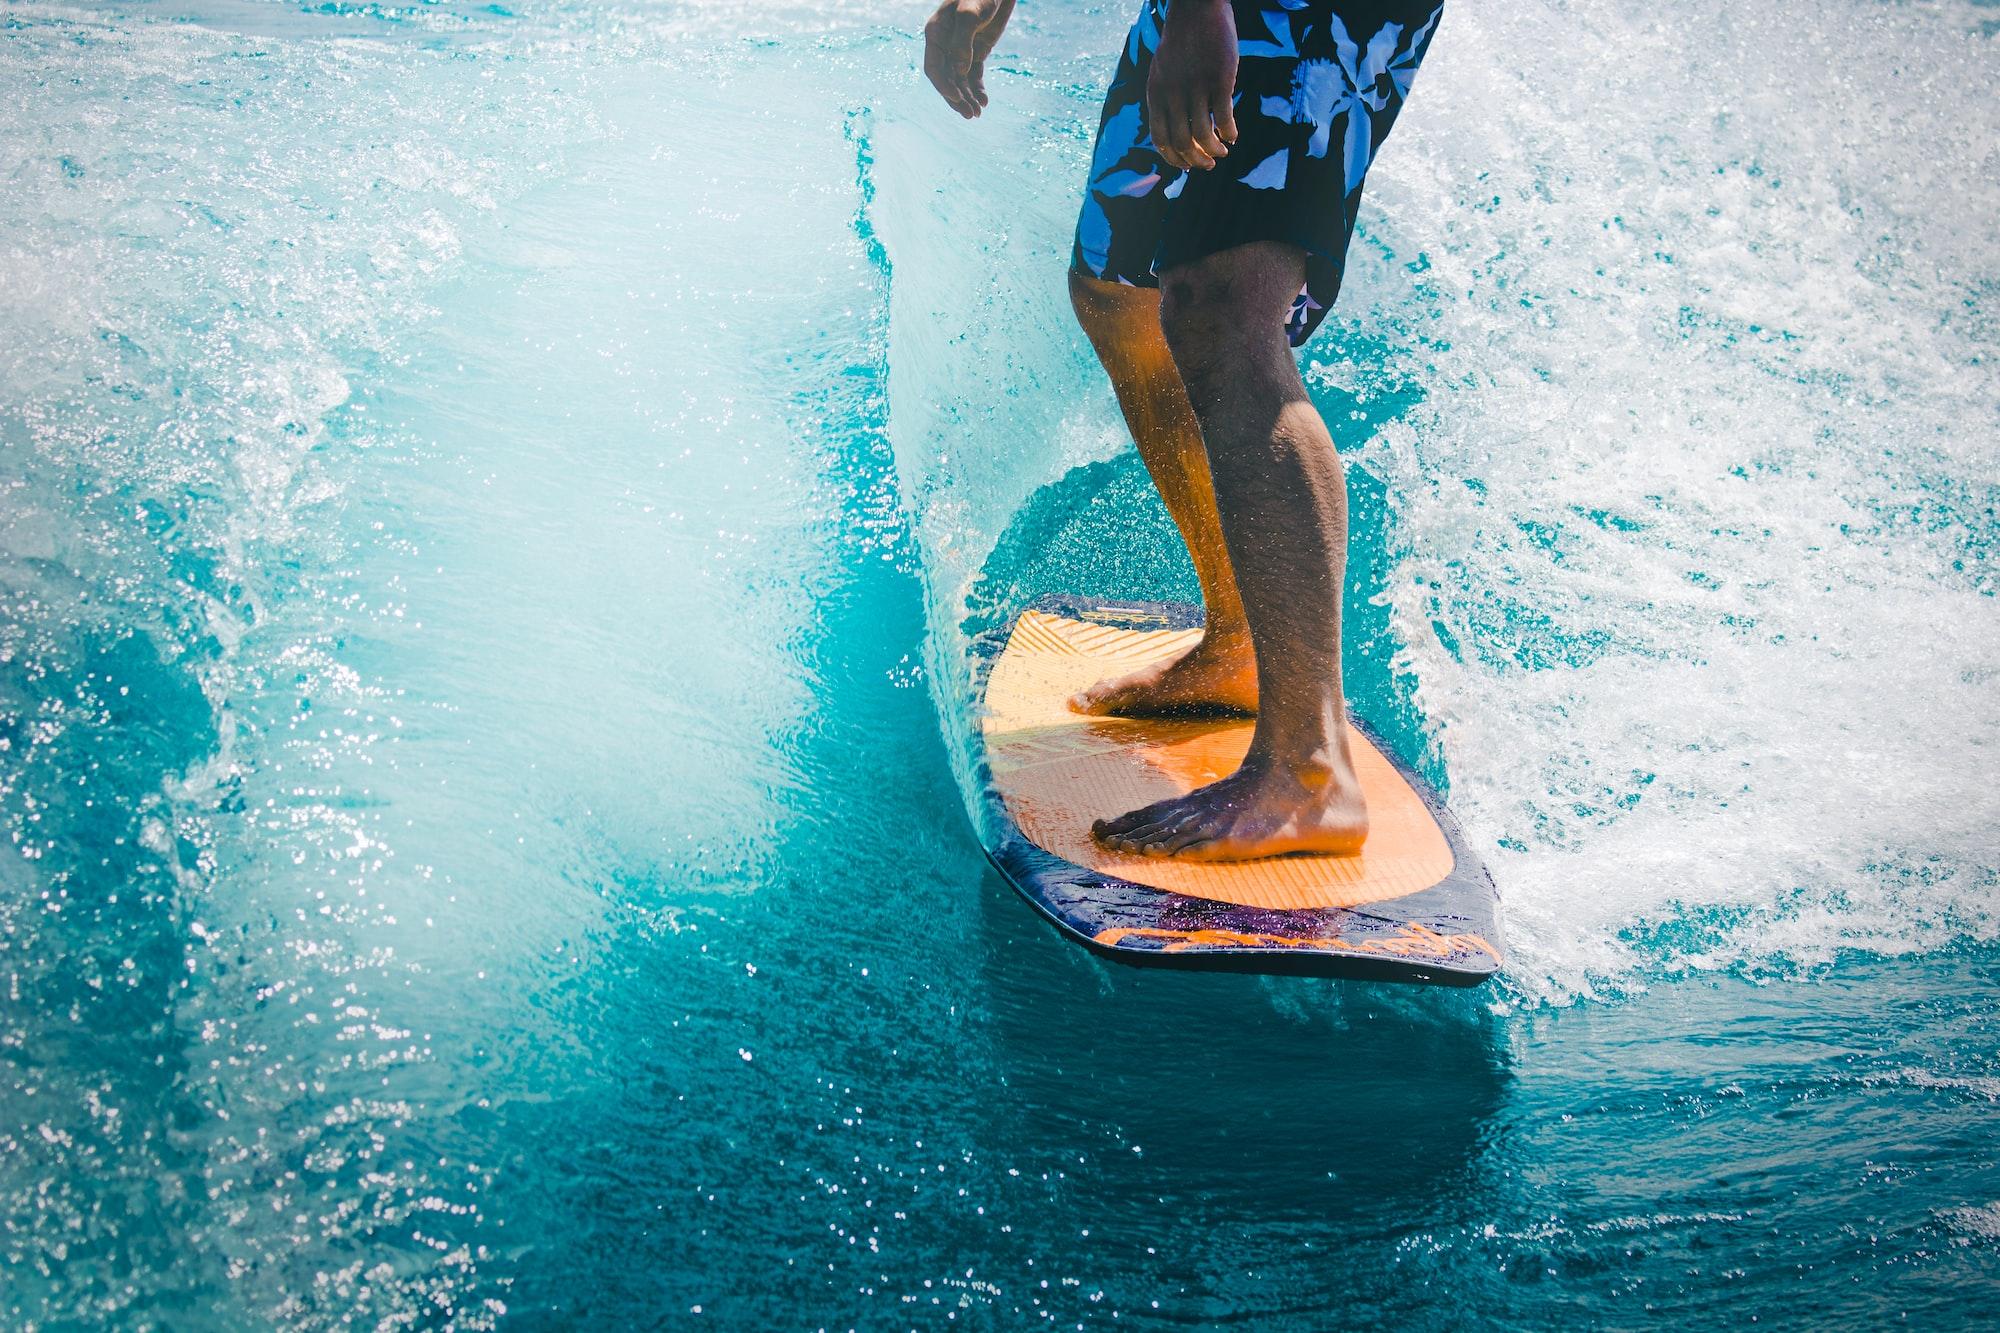 Best Used Wakesurf Boat Under 30k in 2021